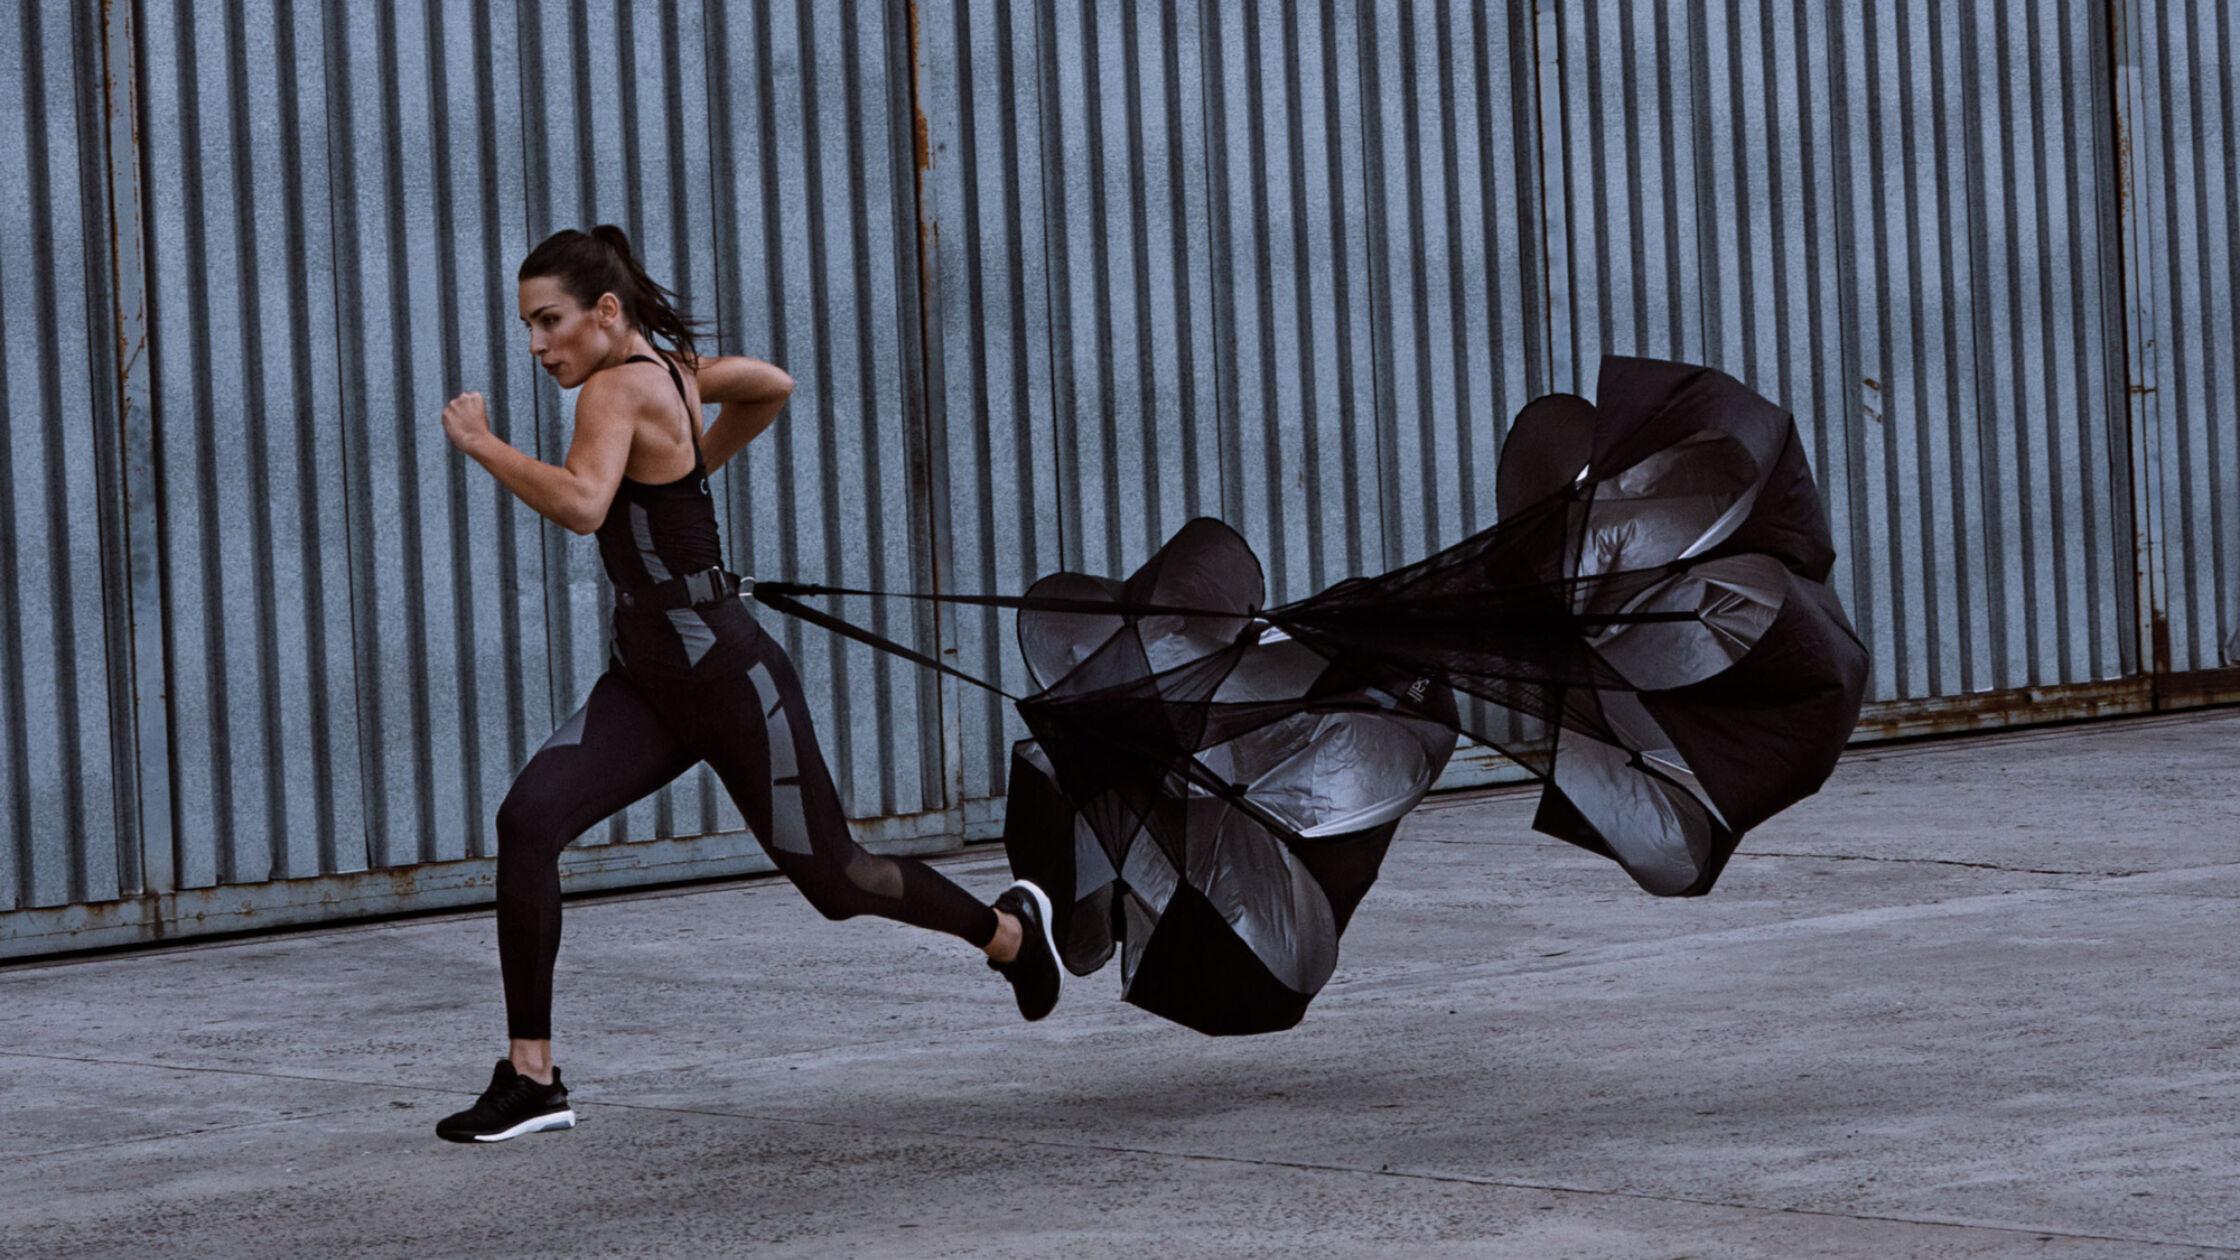 Nieuwe trend: trainen met een parachute